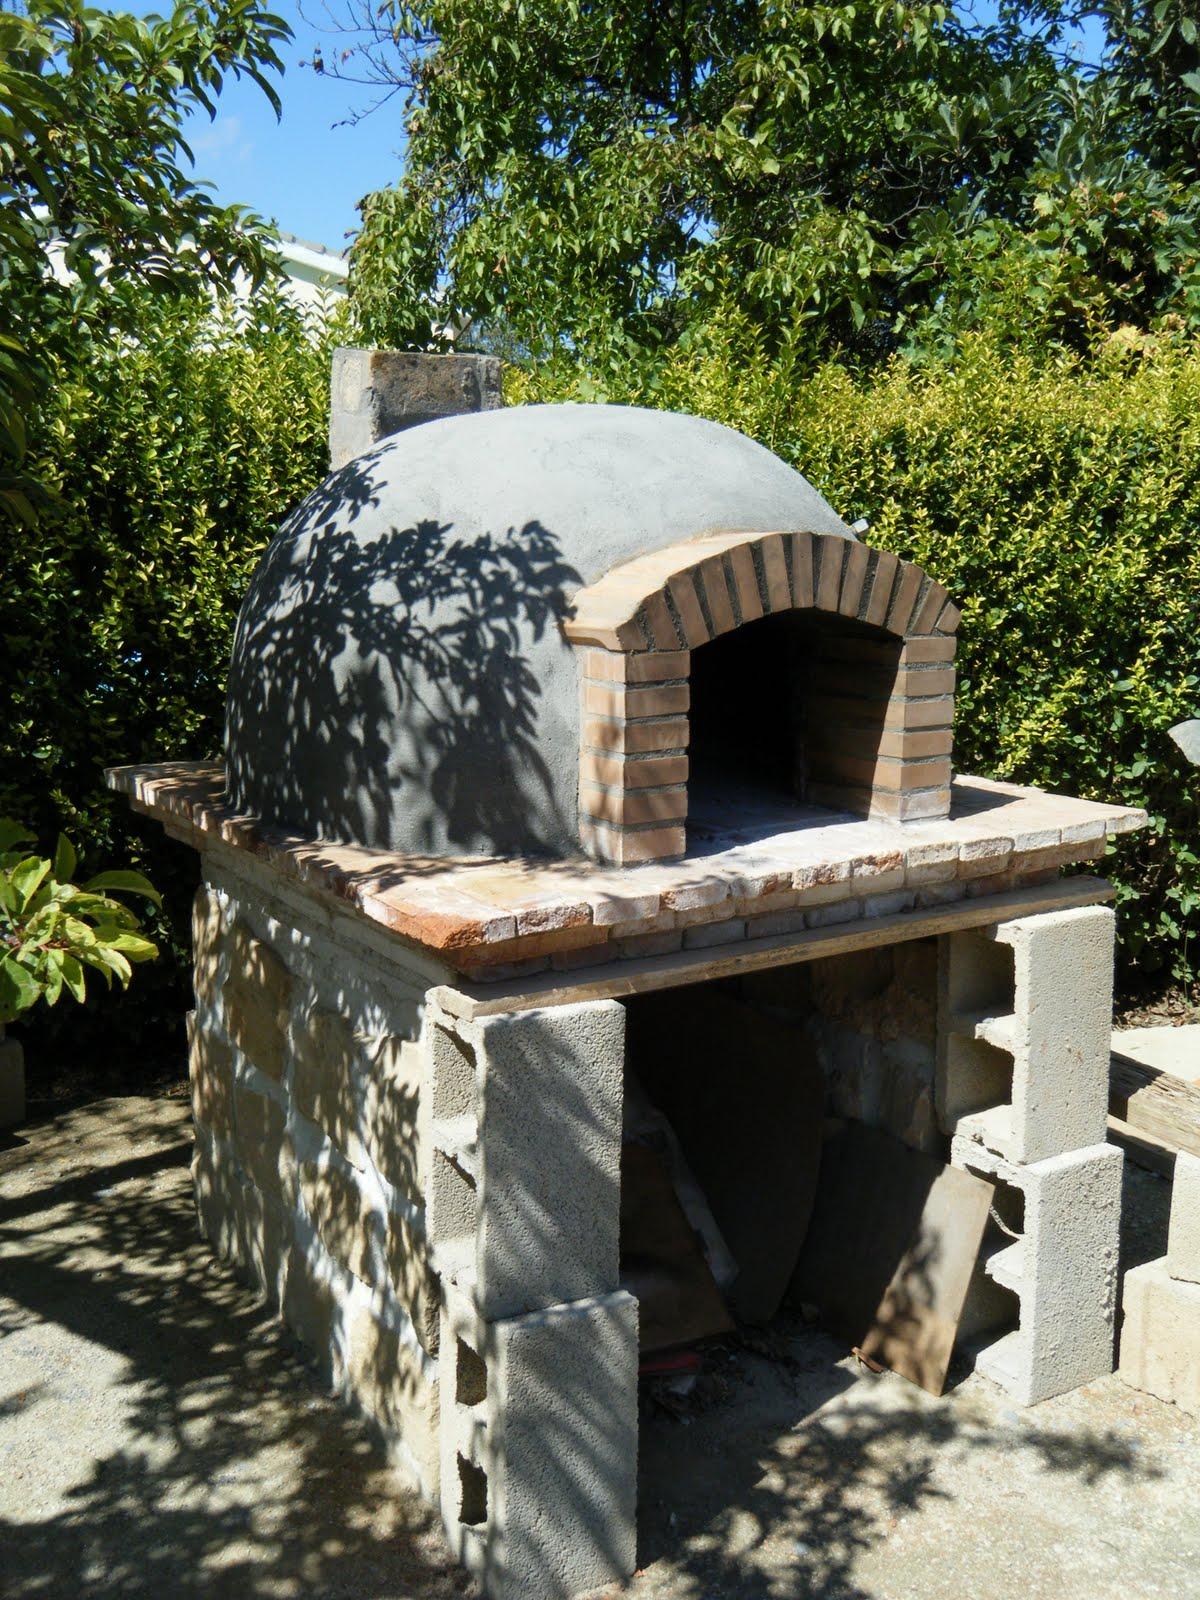 Mundocharly construccion de un horno de le a capitulo primero el origen de la piedras - Construir un horno de lena ...